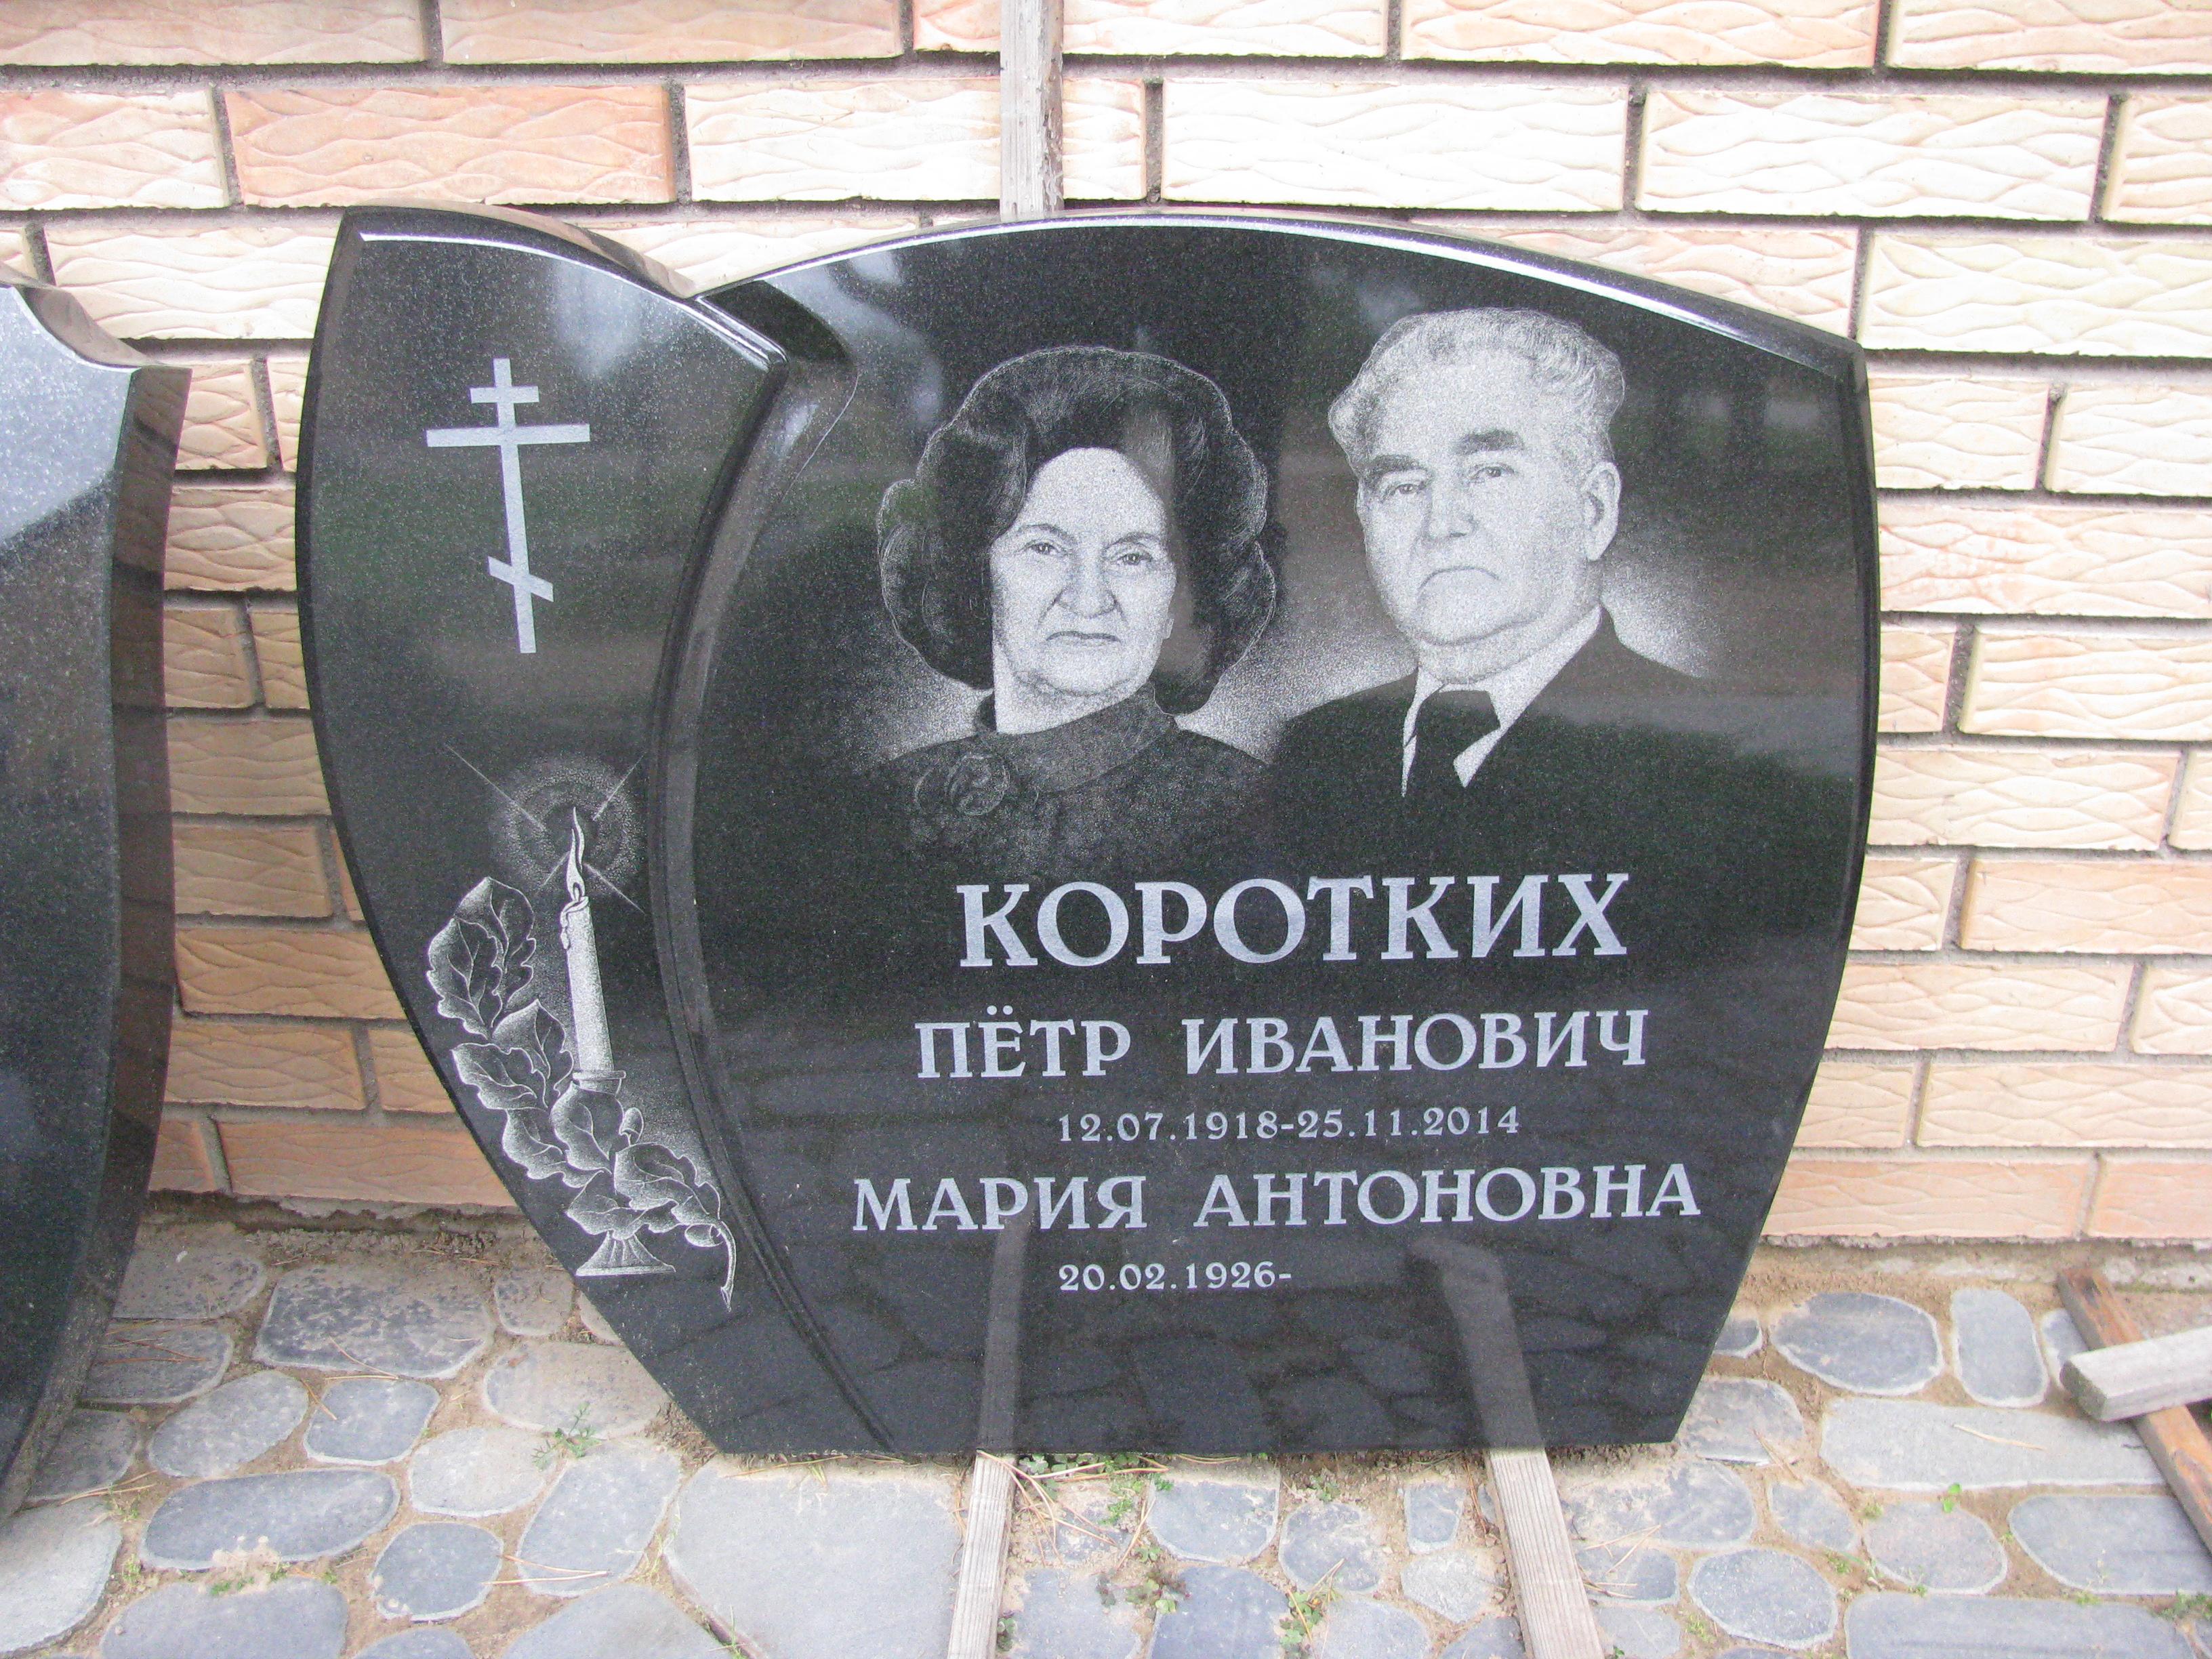 Изготовление памятников и надгробий в даугавпилсе сколько стоит памятник из гранита на могилу